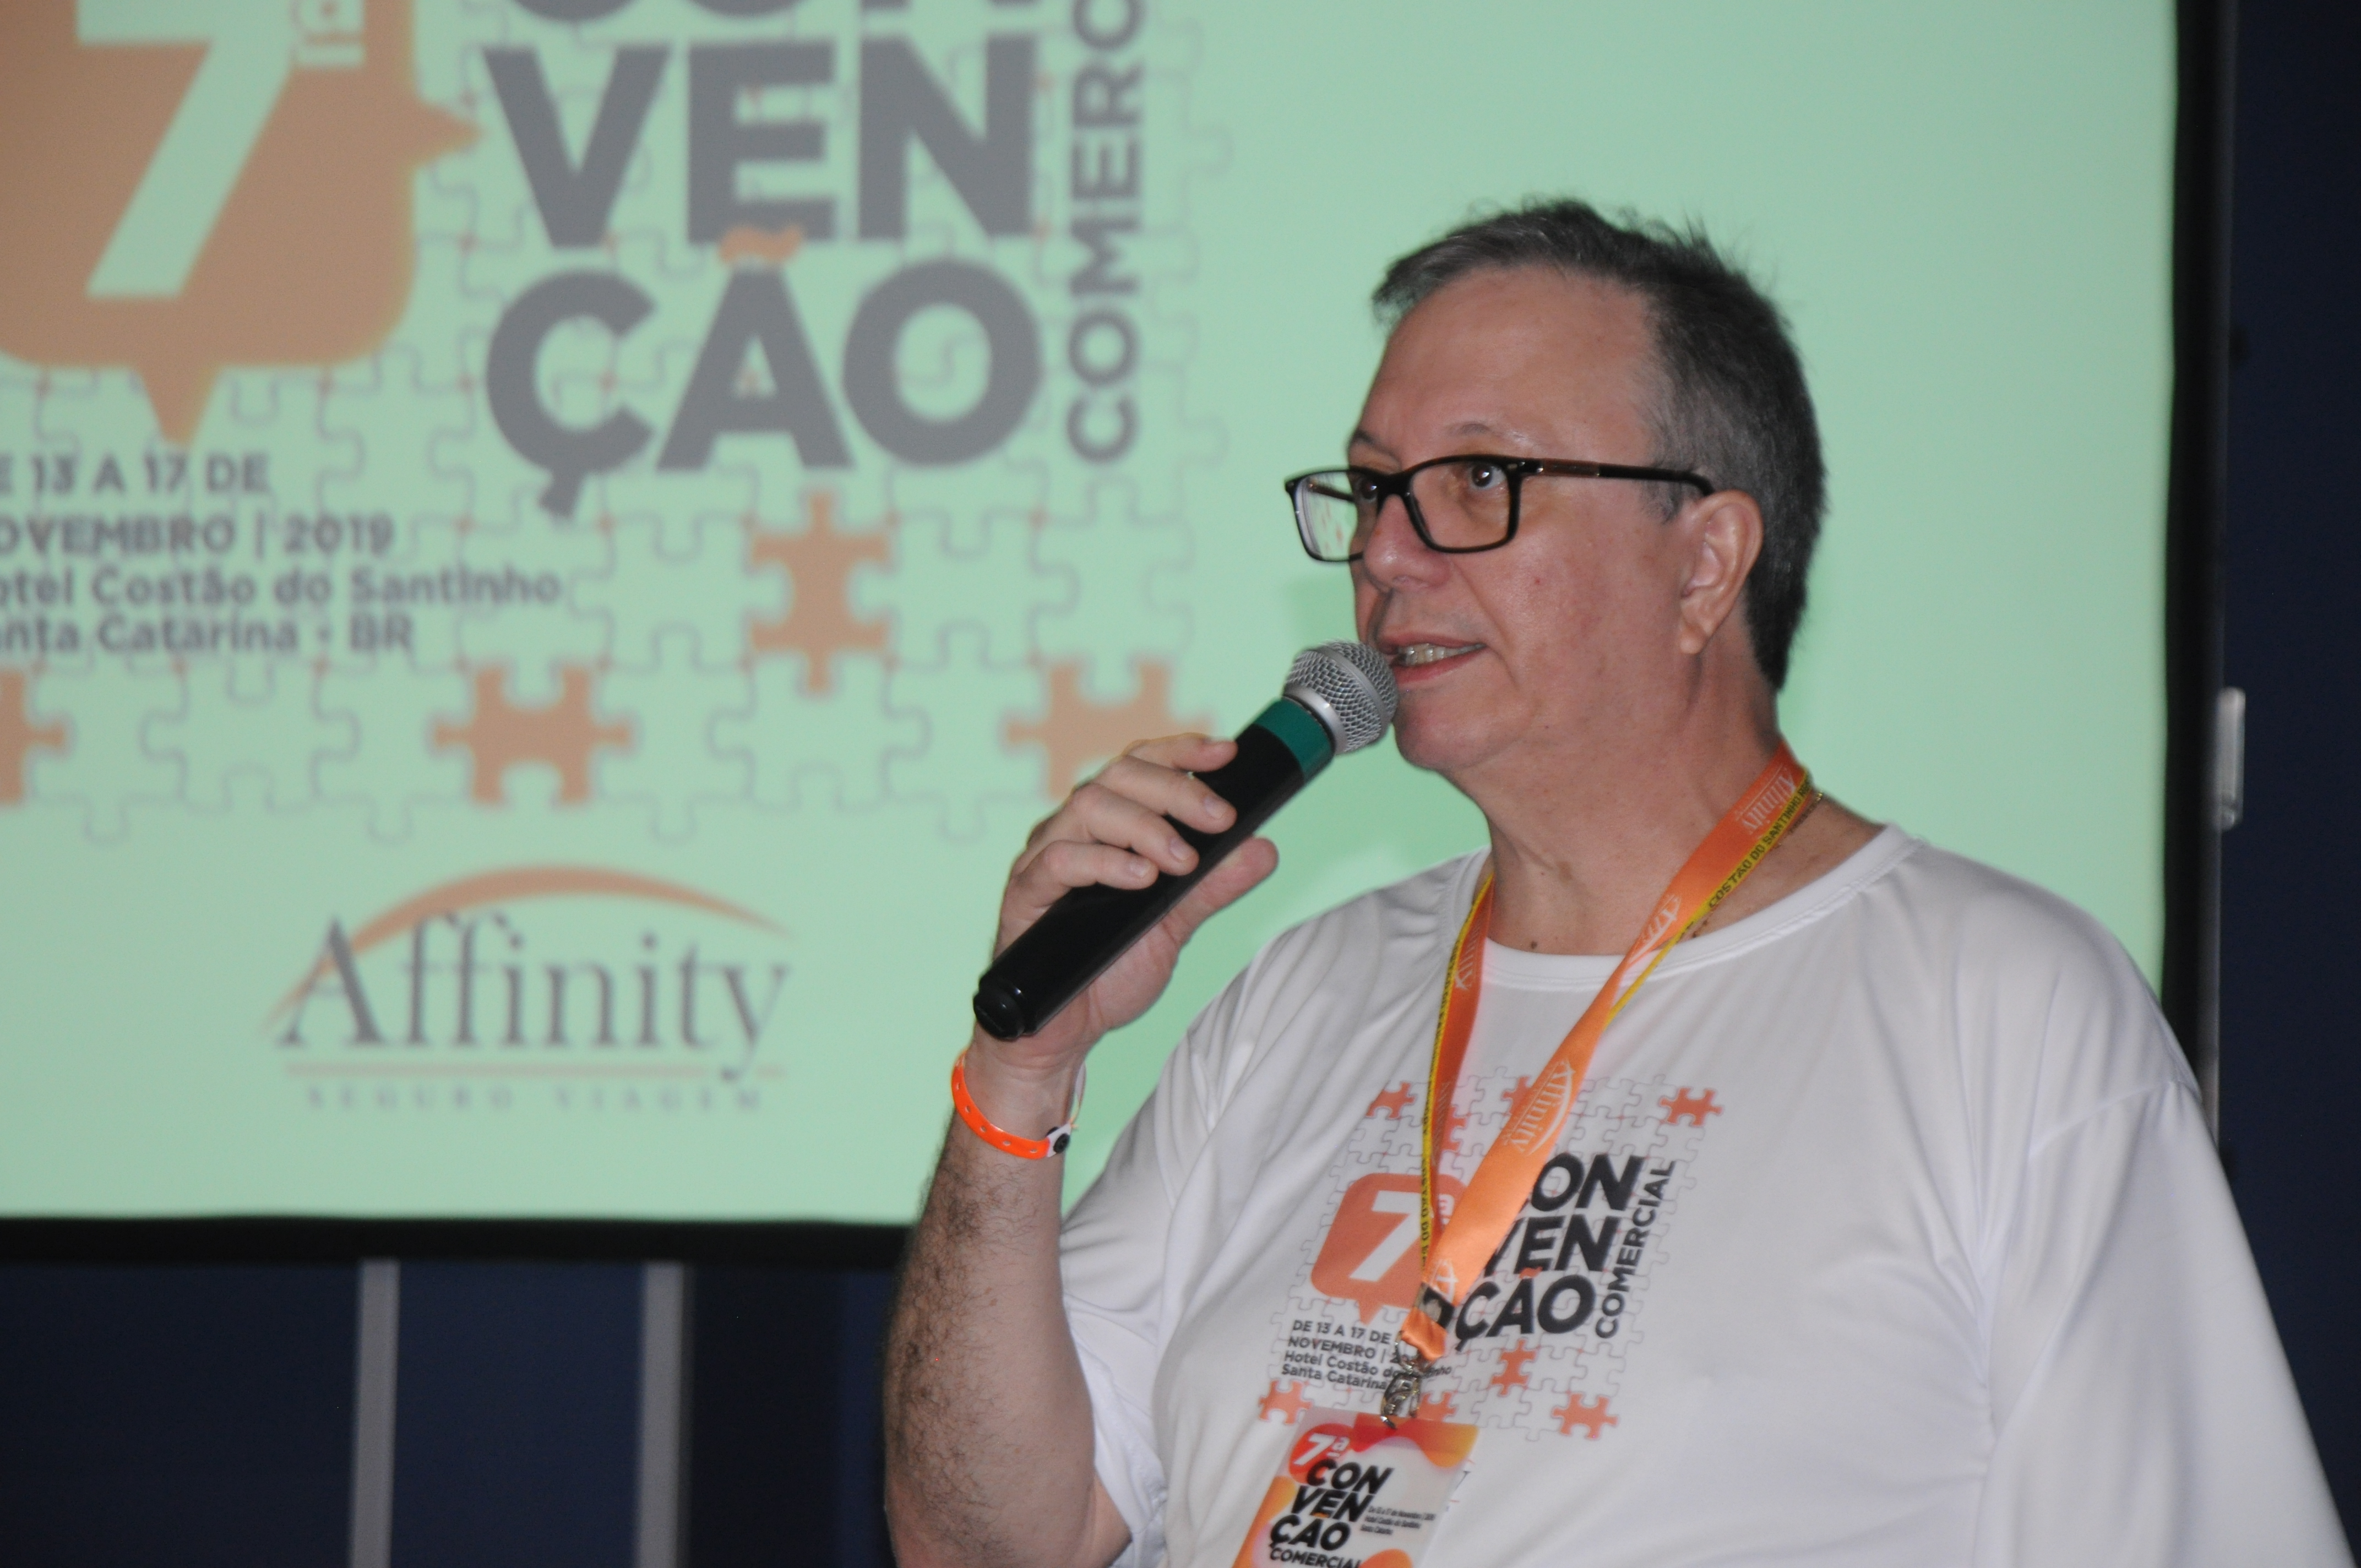 José Carlos de Menezes, diretor geral da Affinity